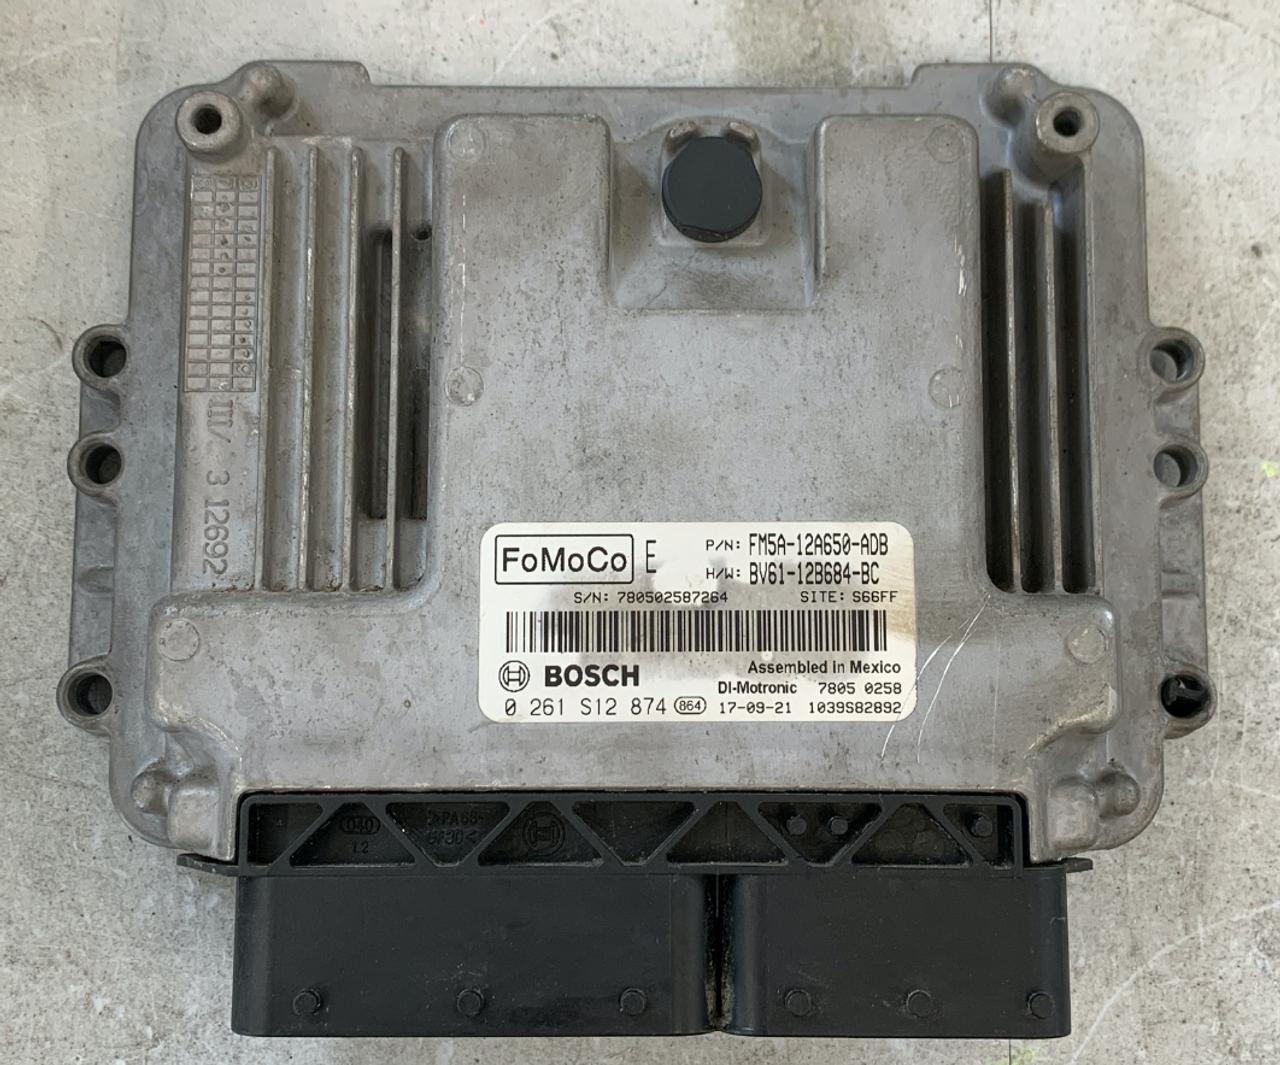 Ford, 0261S12874, 0 261 S12 264874, FM5A-12A650-ADB, BV61-12B684-BC, 1039S82892